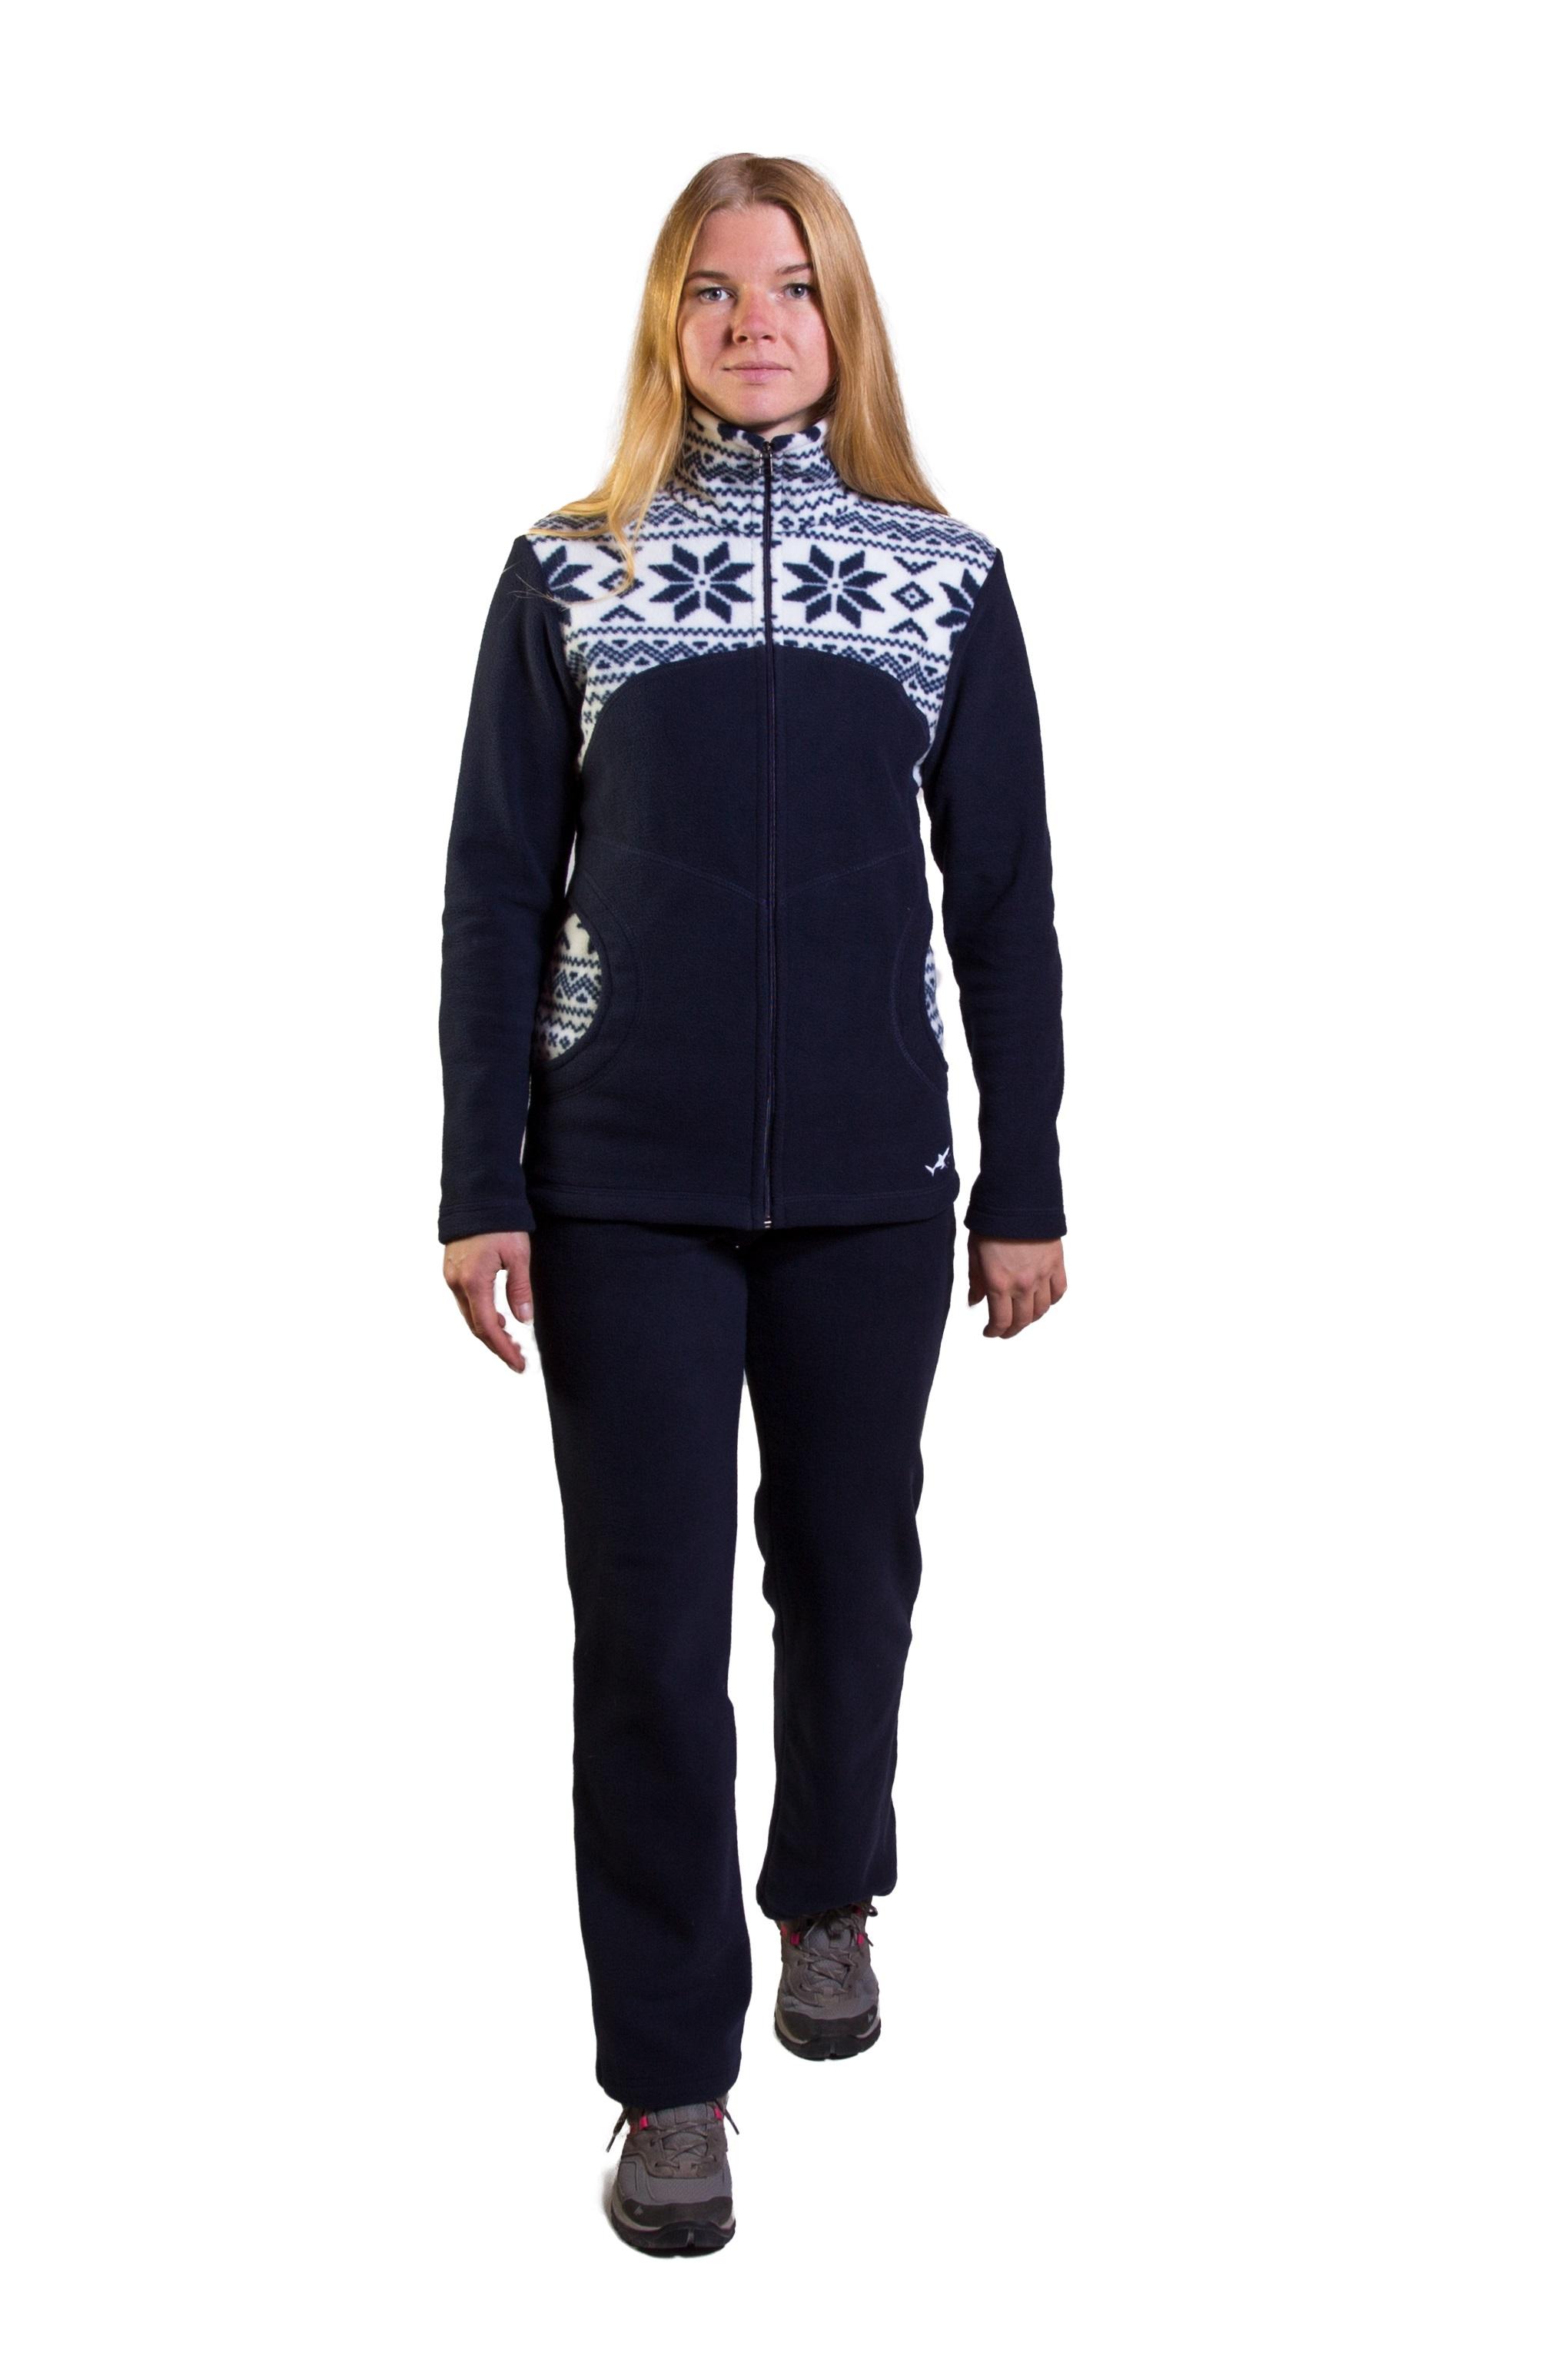 Флисовый костюм KATRAN Паола (Размер: 46 Рост: